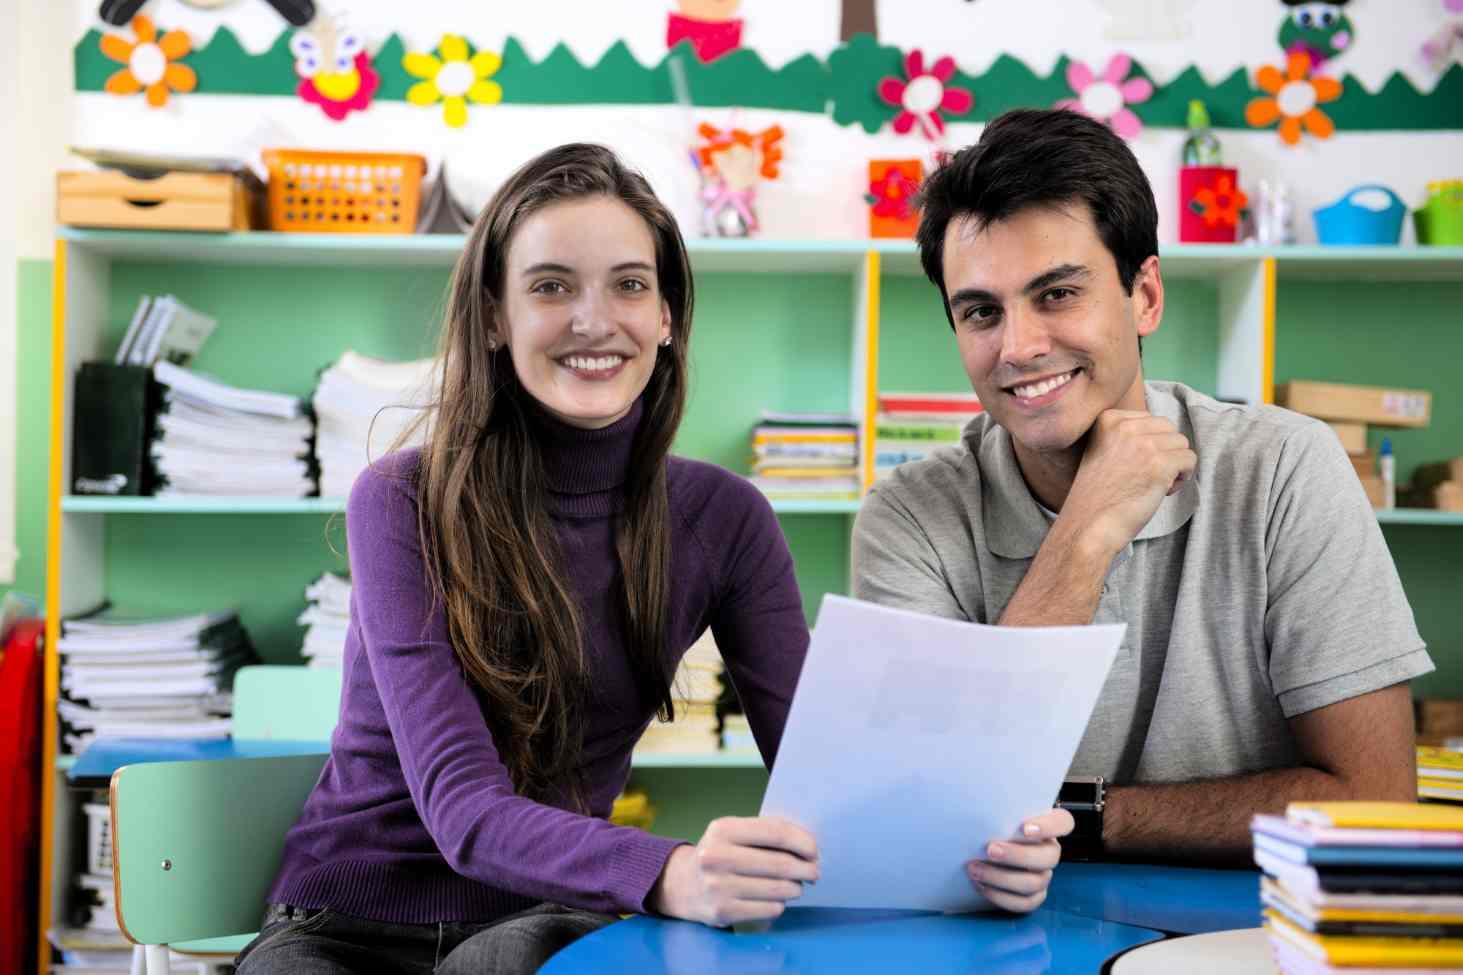 Что не нравится родителям в школьном образовании?